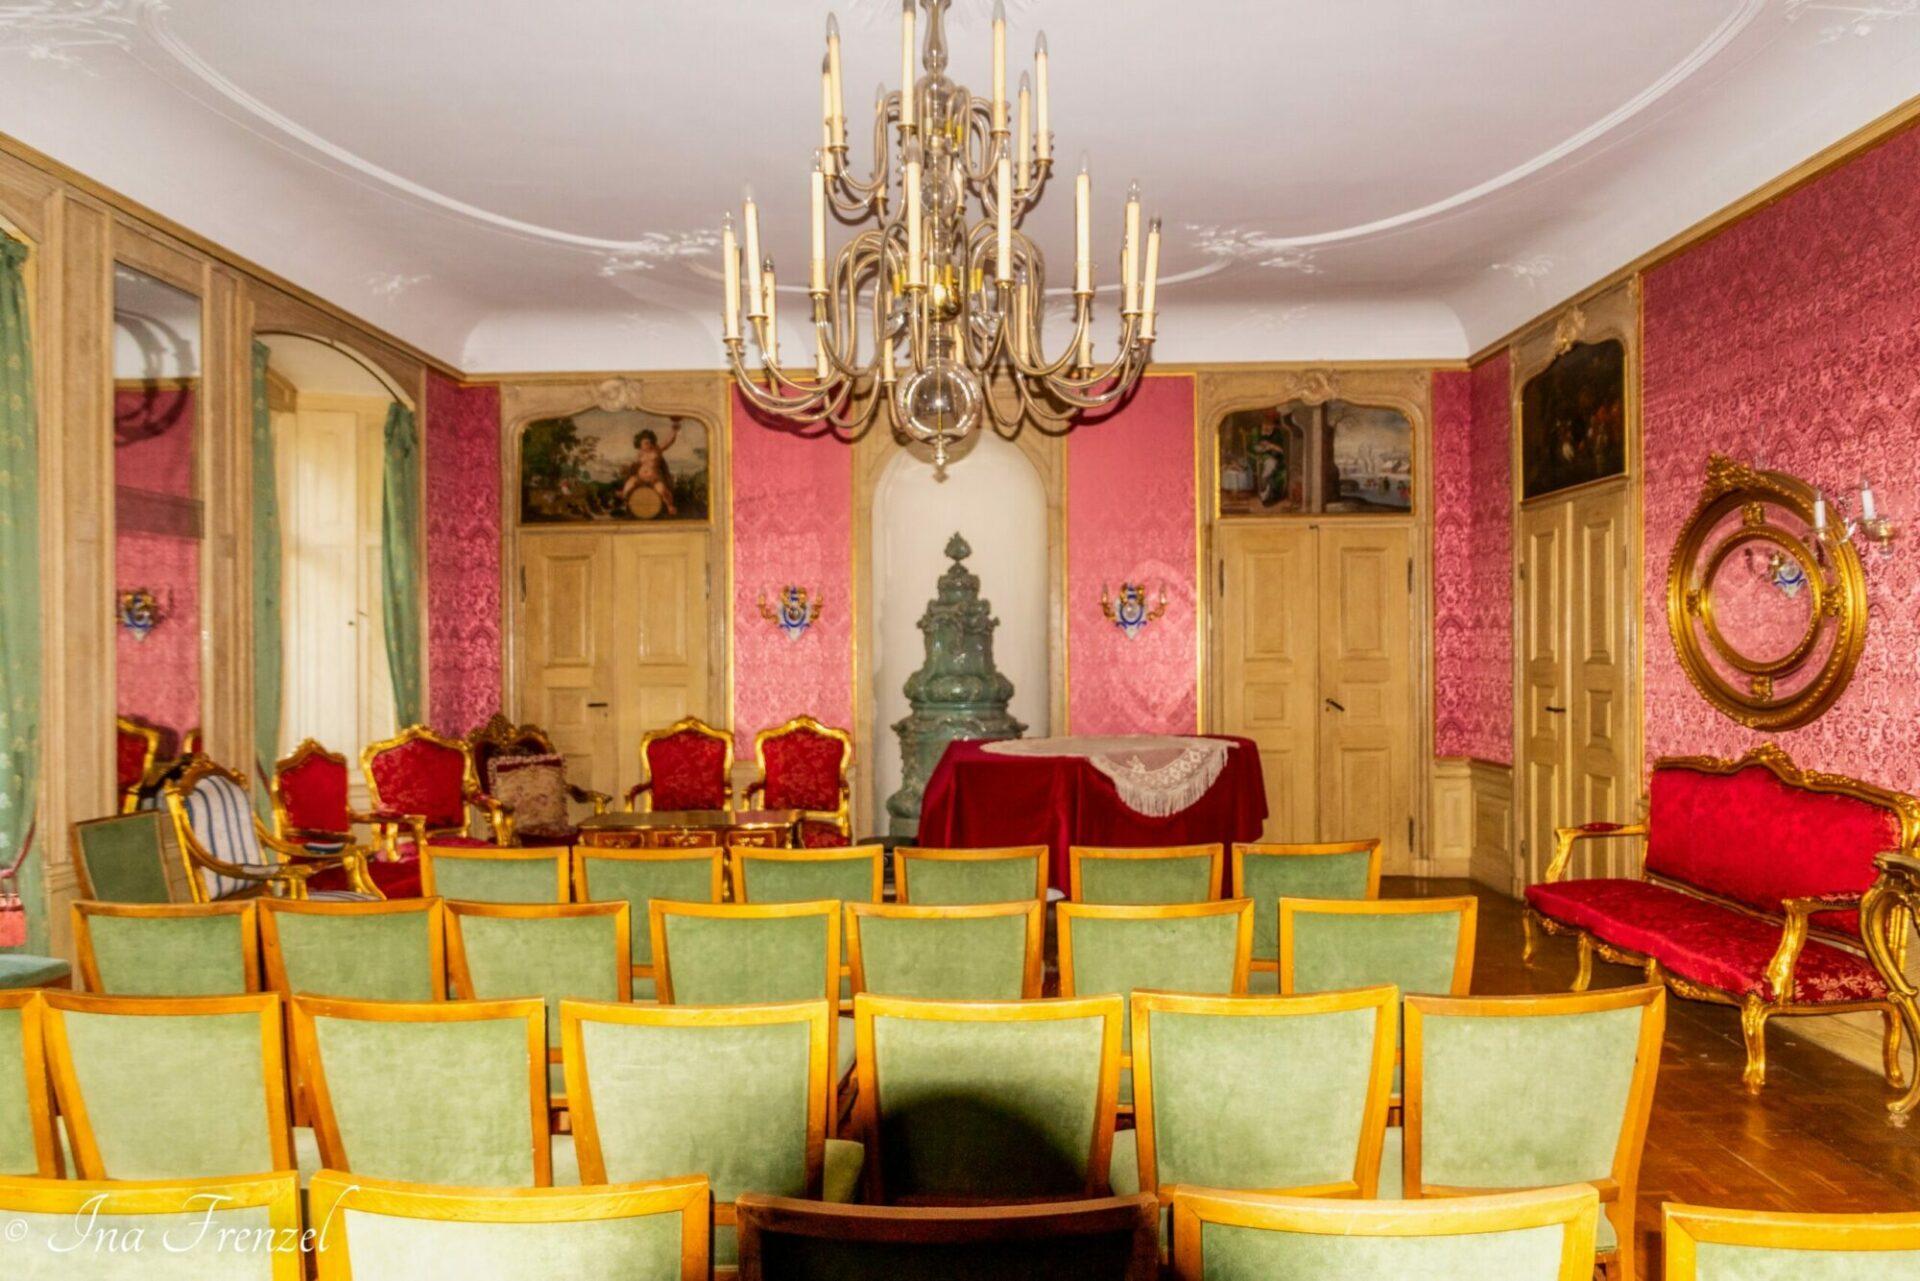 Freunde Schloss Nöthnitz e.V.